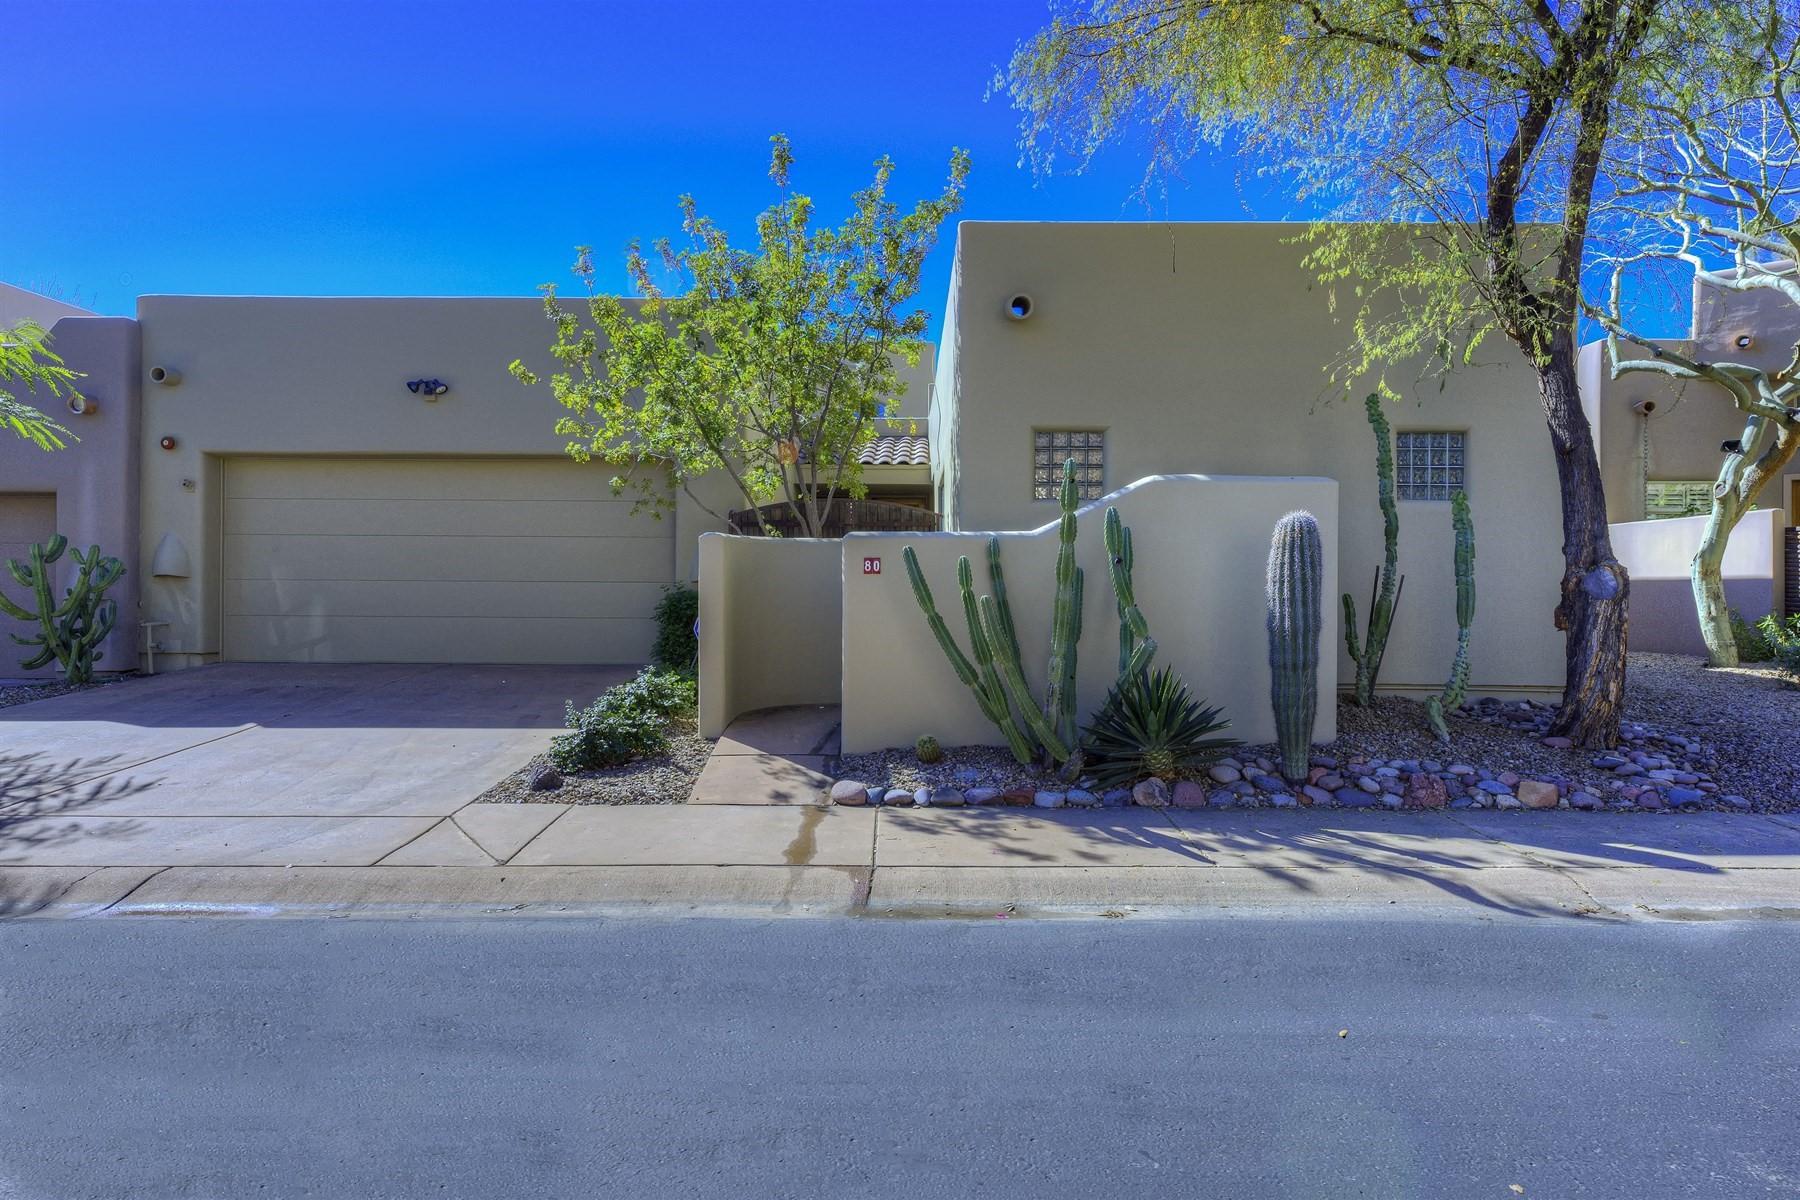 타운하우스 용 매매 에 Fabulous lock-n-leave home in a guard-gated community 6711 E Camelback Rd #80 Scottsdale, 아리조나, 85251 미국